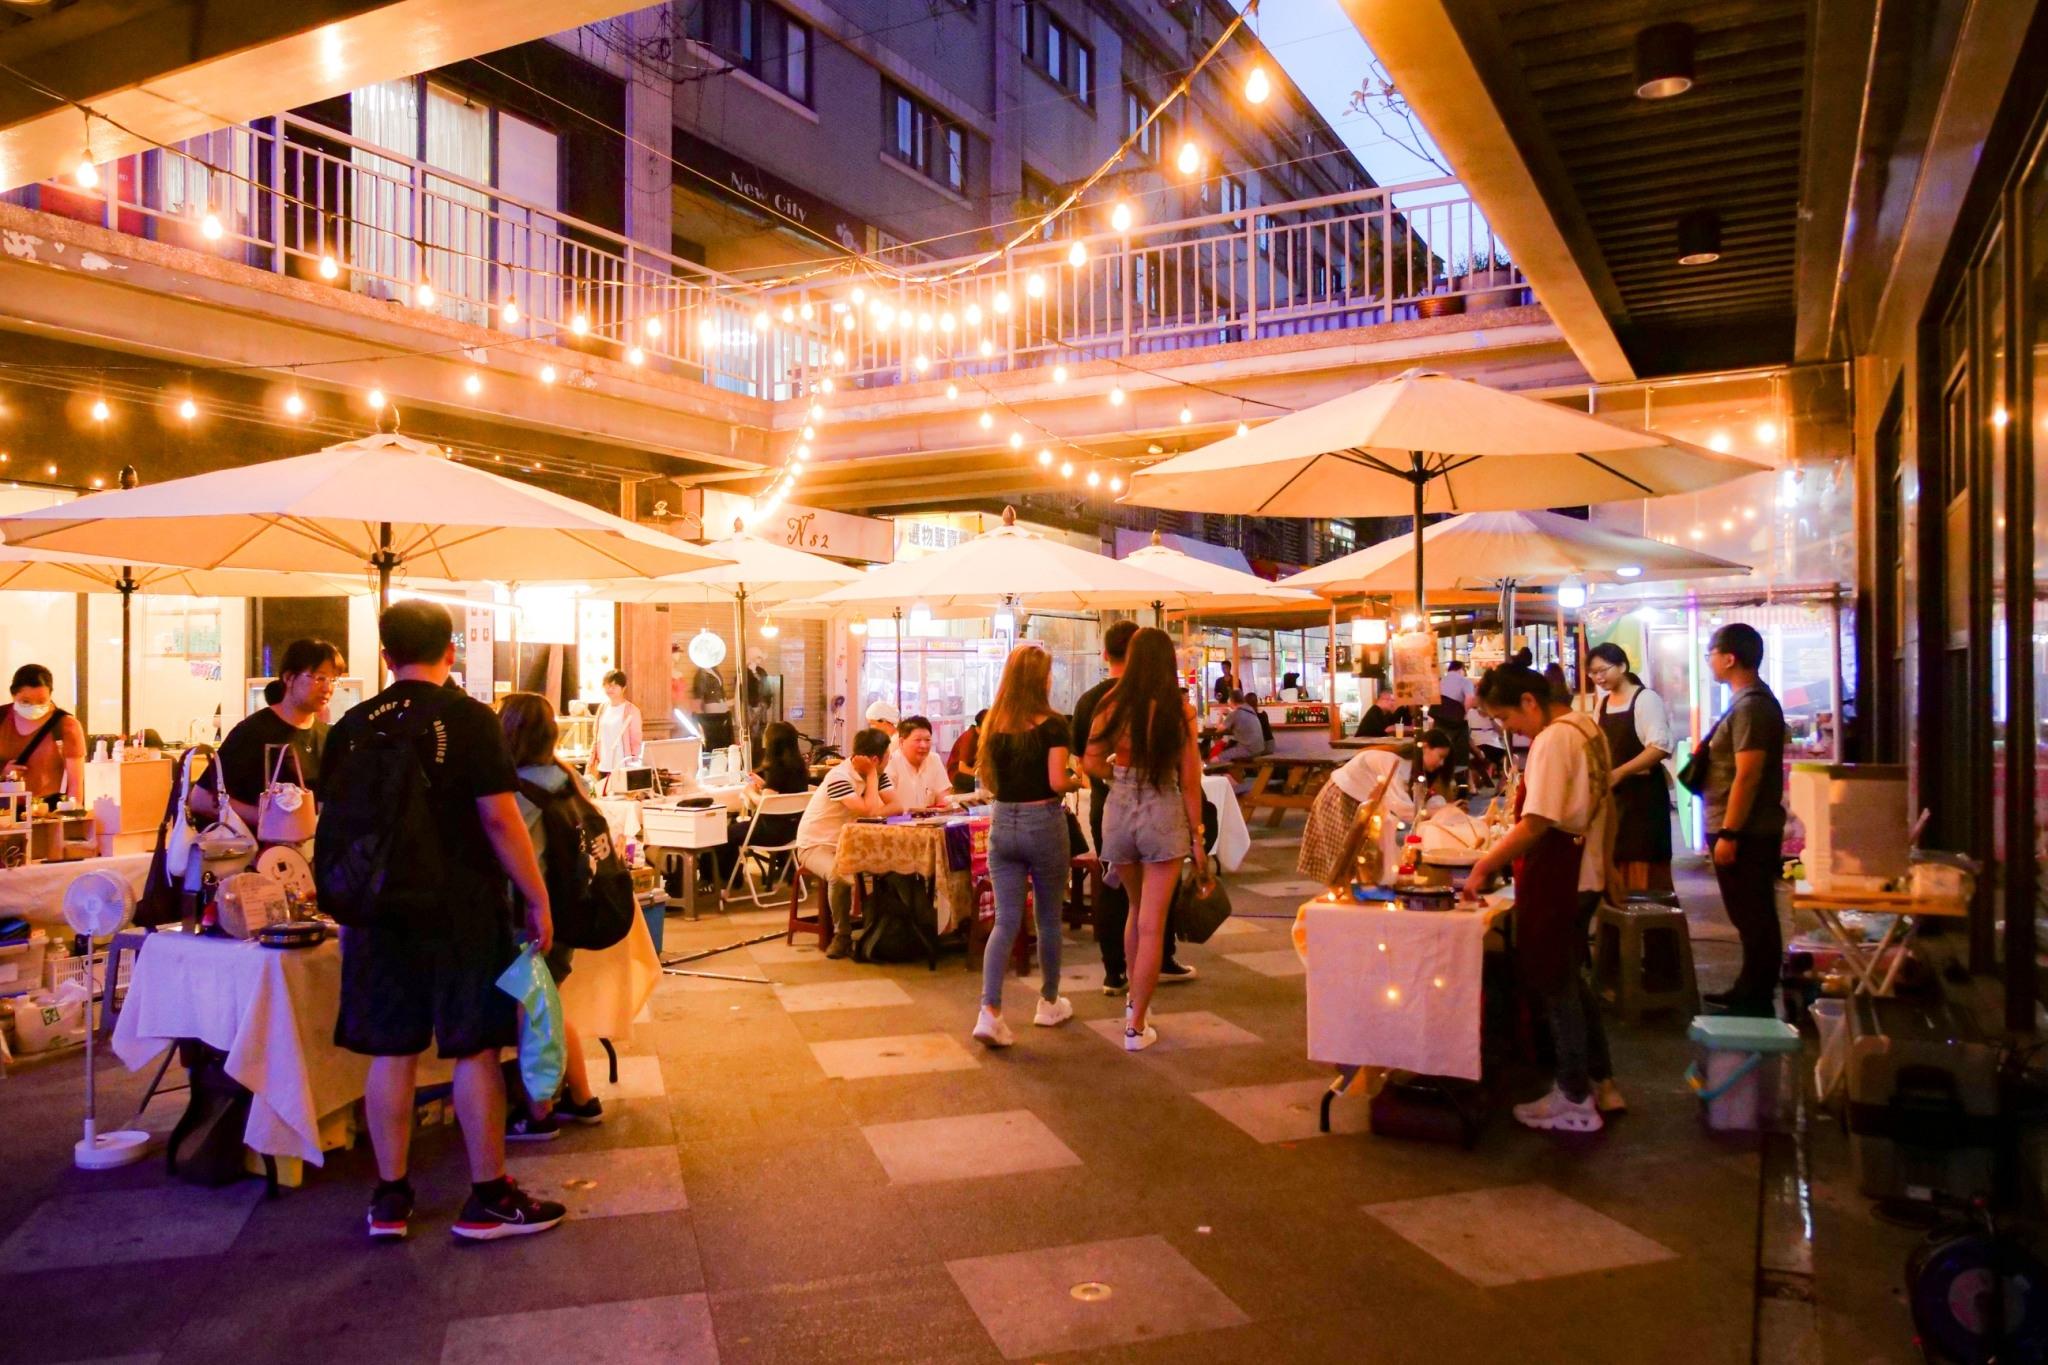 全台最美夜市將「游牧」草悟道 富地市場集合在地元素勾勒台中專屬美學